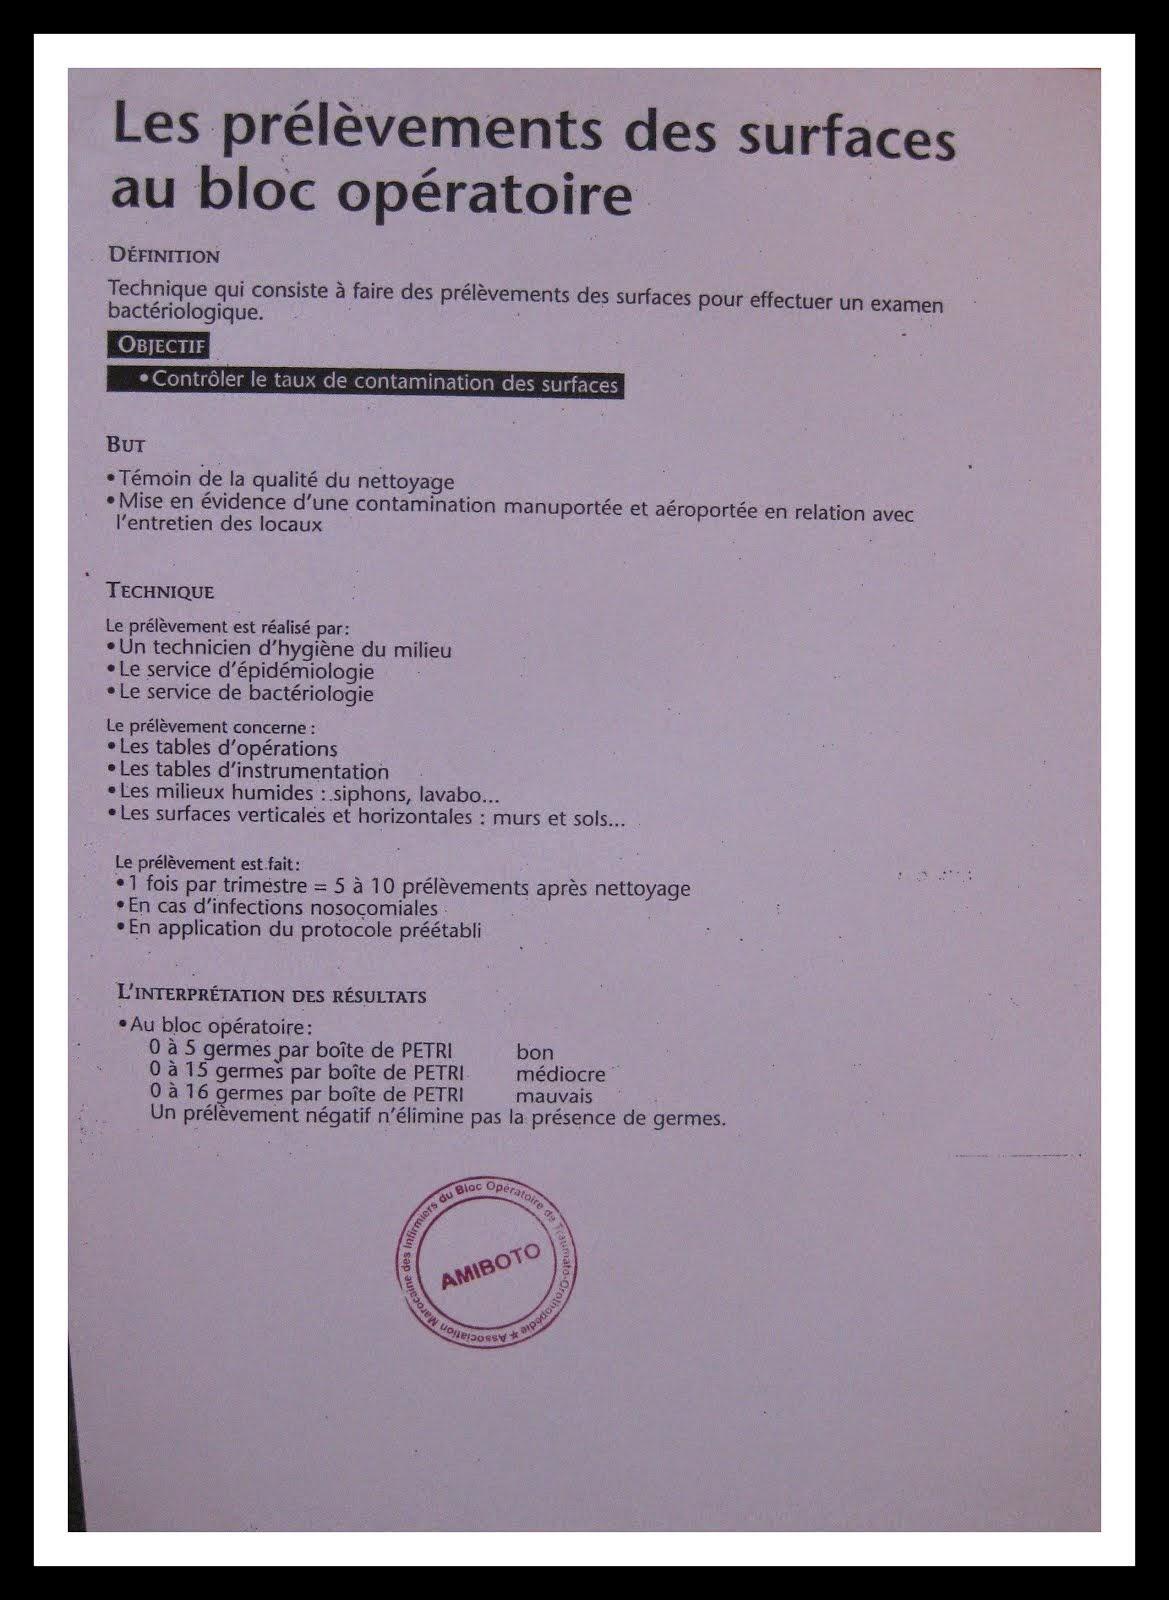 LES PREVENTIONS DES SURFACES AU BLOC OPERATOIRE